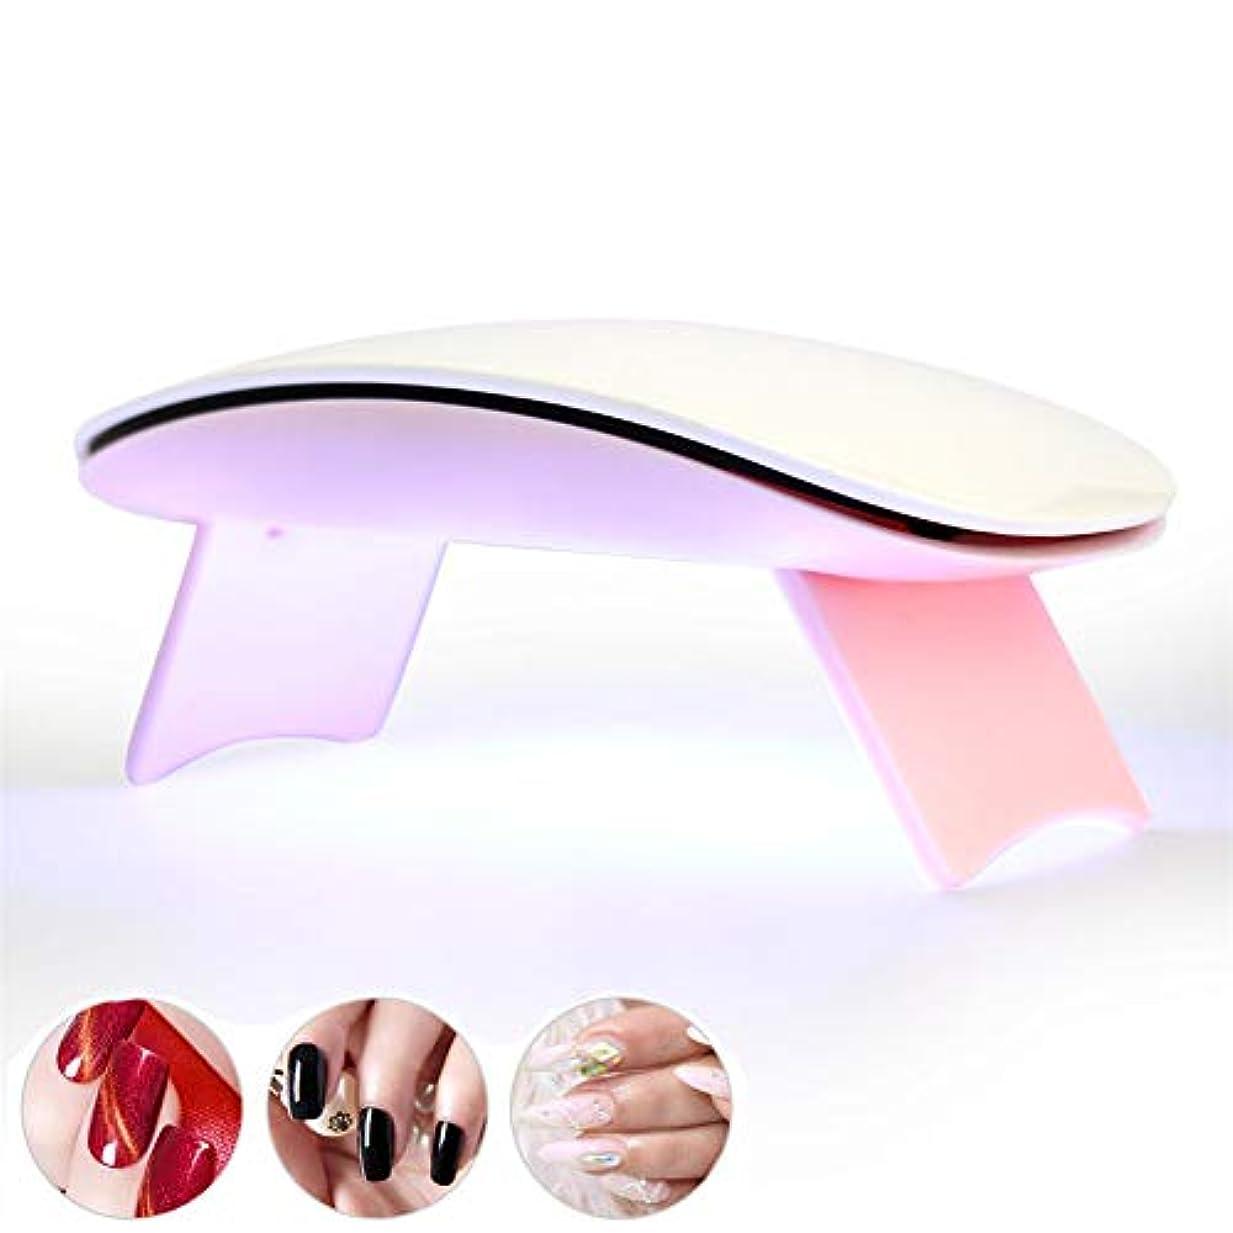 スラッシュフェンス洗練ネイル用ランプマニキュア用UVランプネイルドライヤー6WポータブルUV LED USBバッテリーマシンセラピー付ジェルポリッシュ用ニスランプ,ピンク